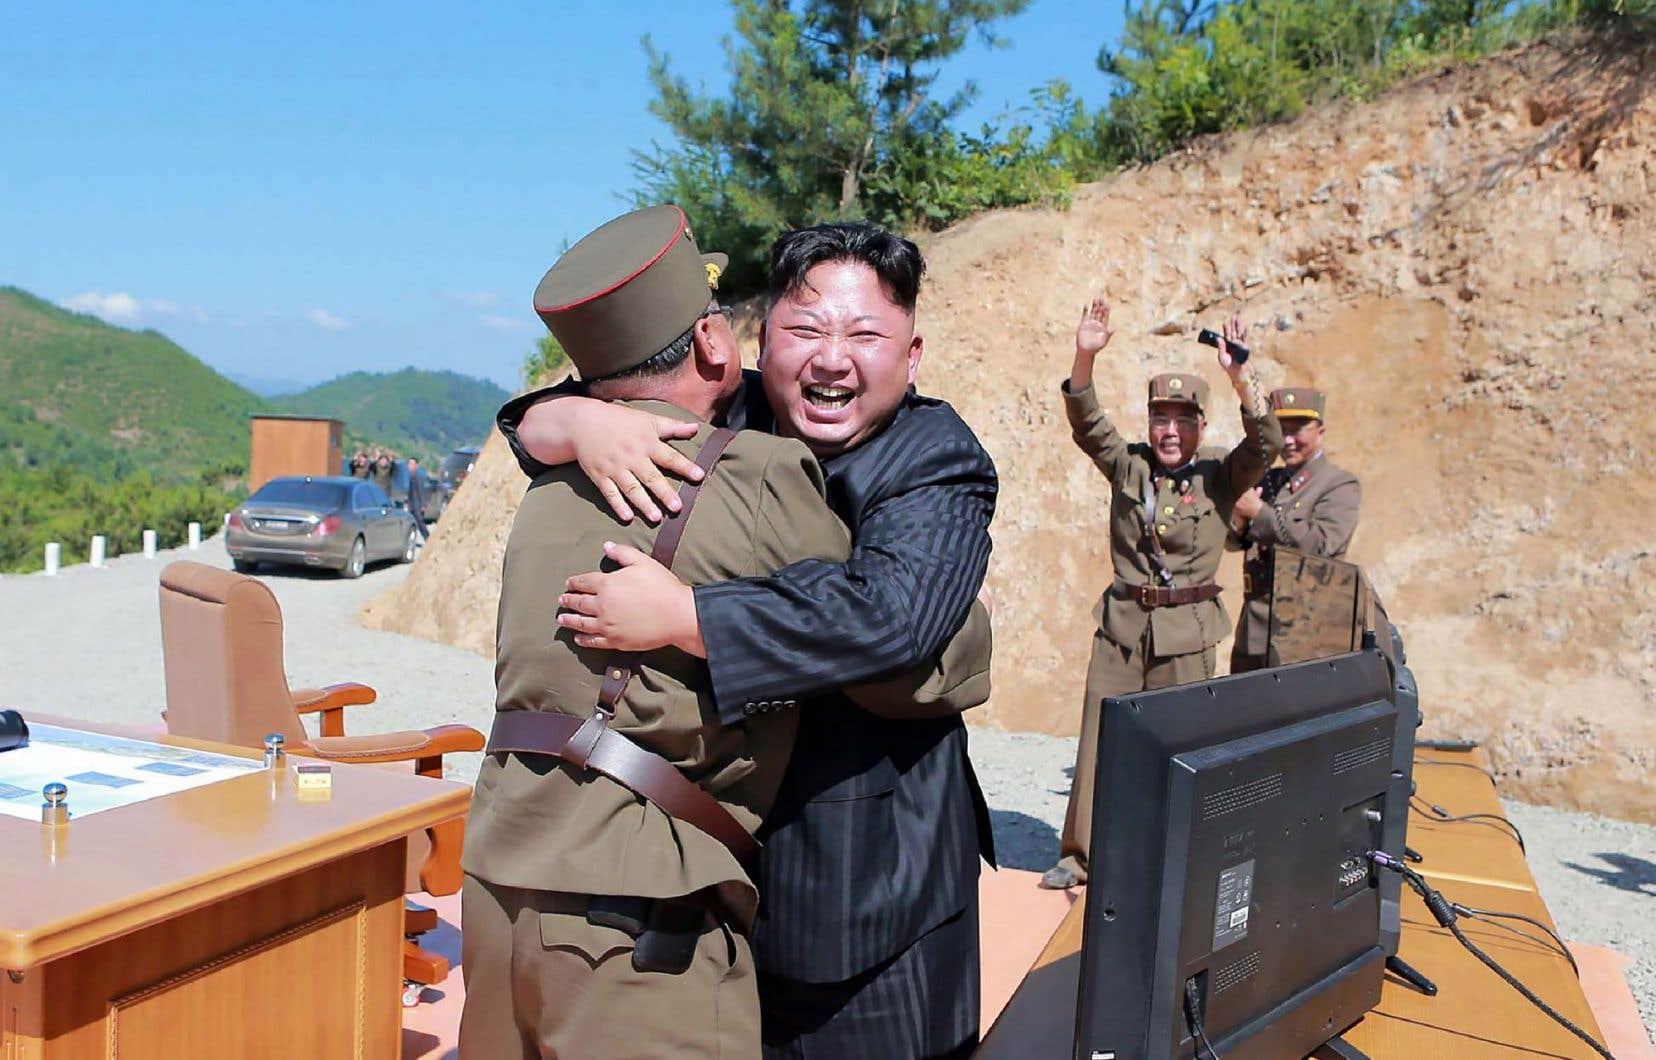 Le dirigeant nord-coréen, Kim Jong-un, célèbre le test réussi du tir de missile intercontinental réalisé le 4 juillet dernier.